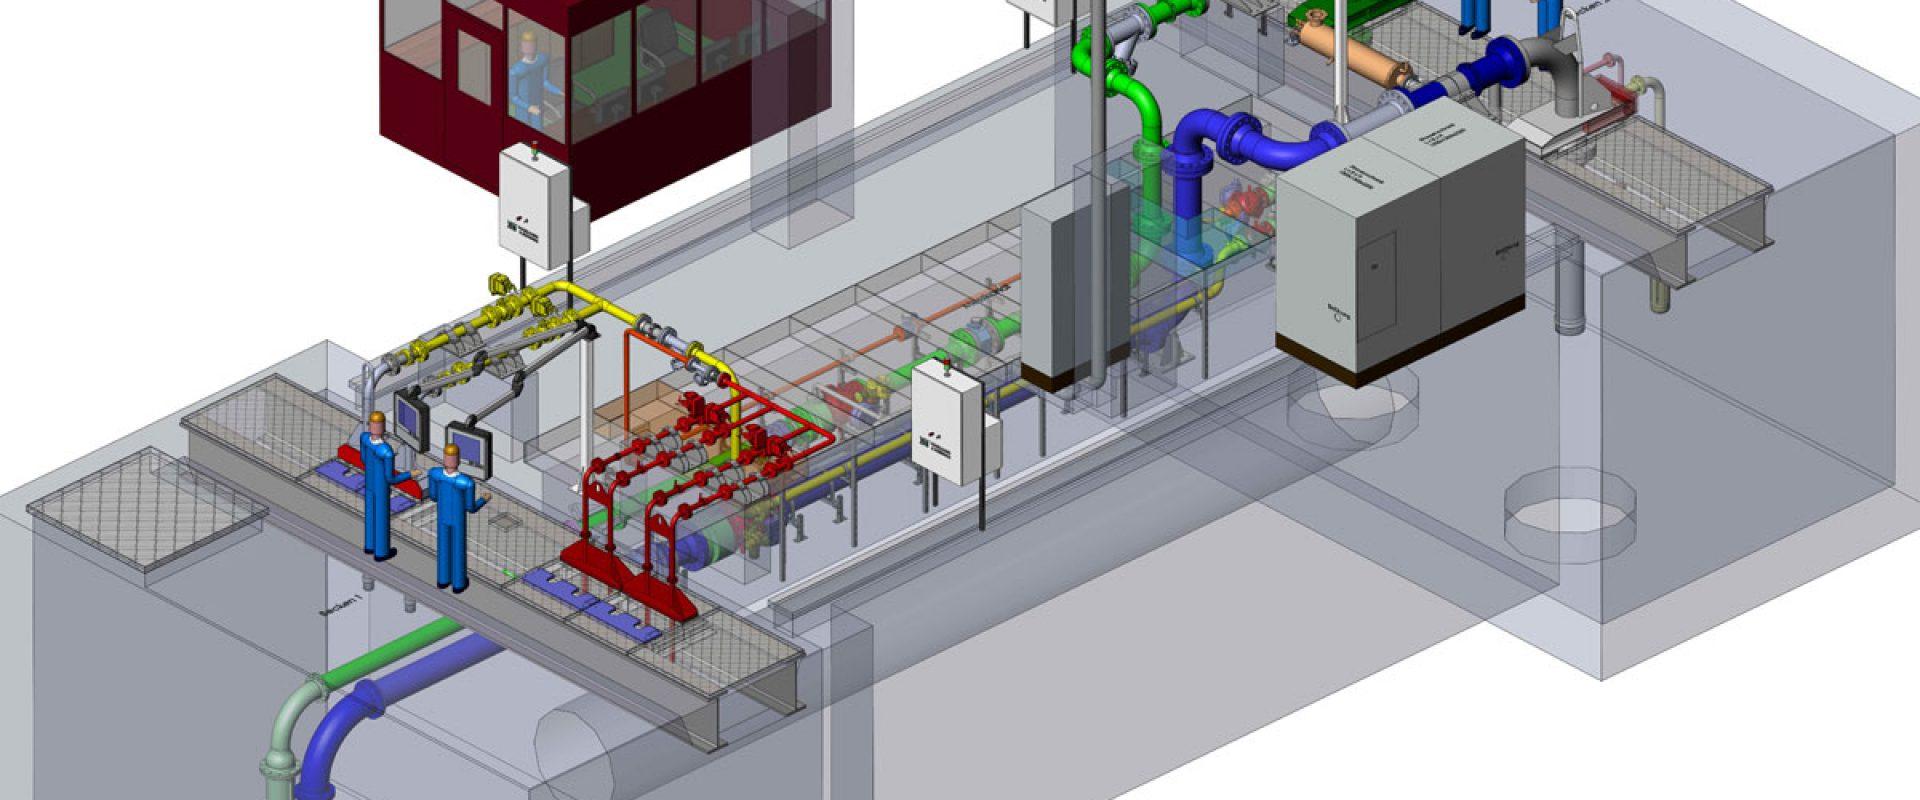 Vogelsang & Benning unterstützt die neue Produktionsstätte von RWE Power mit einem innovativen Pumpenprüfstand